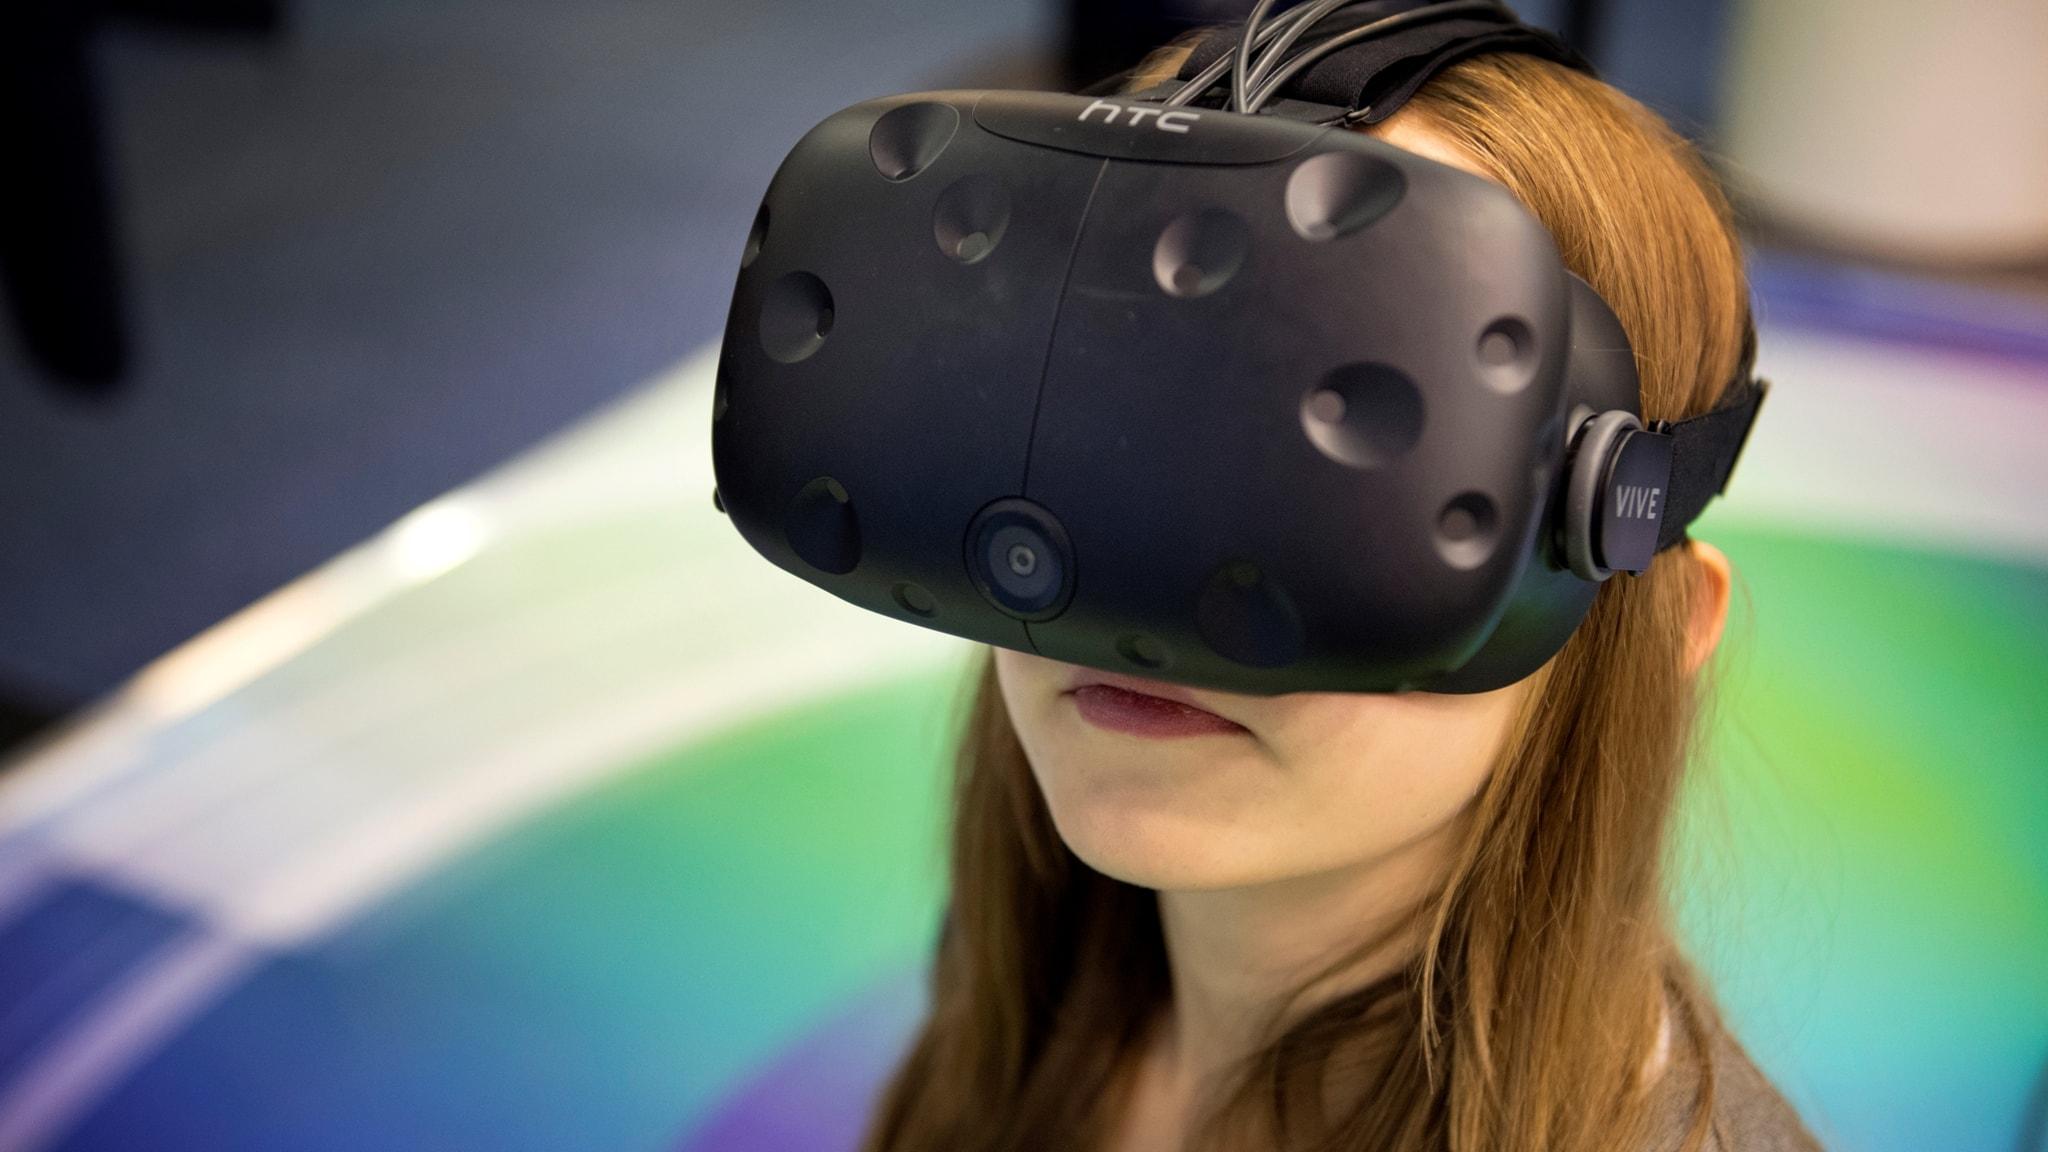 Stormigt på Dagens Industri efter chefredaktörens bolagsengagemang, svag vind i de rödrosa medieseglen och VR-hajpen som mojnade